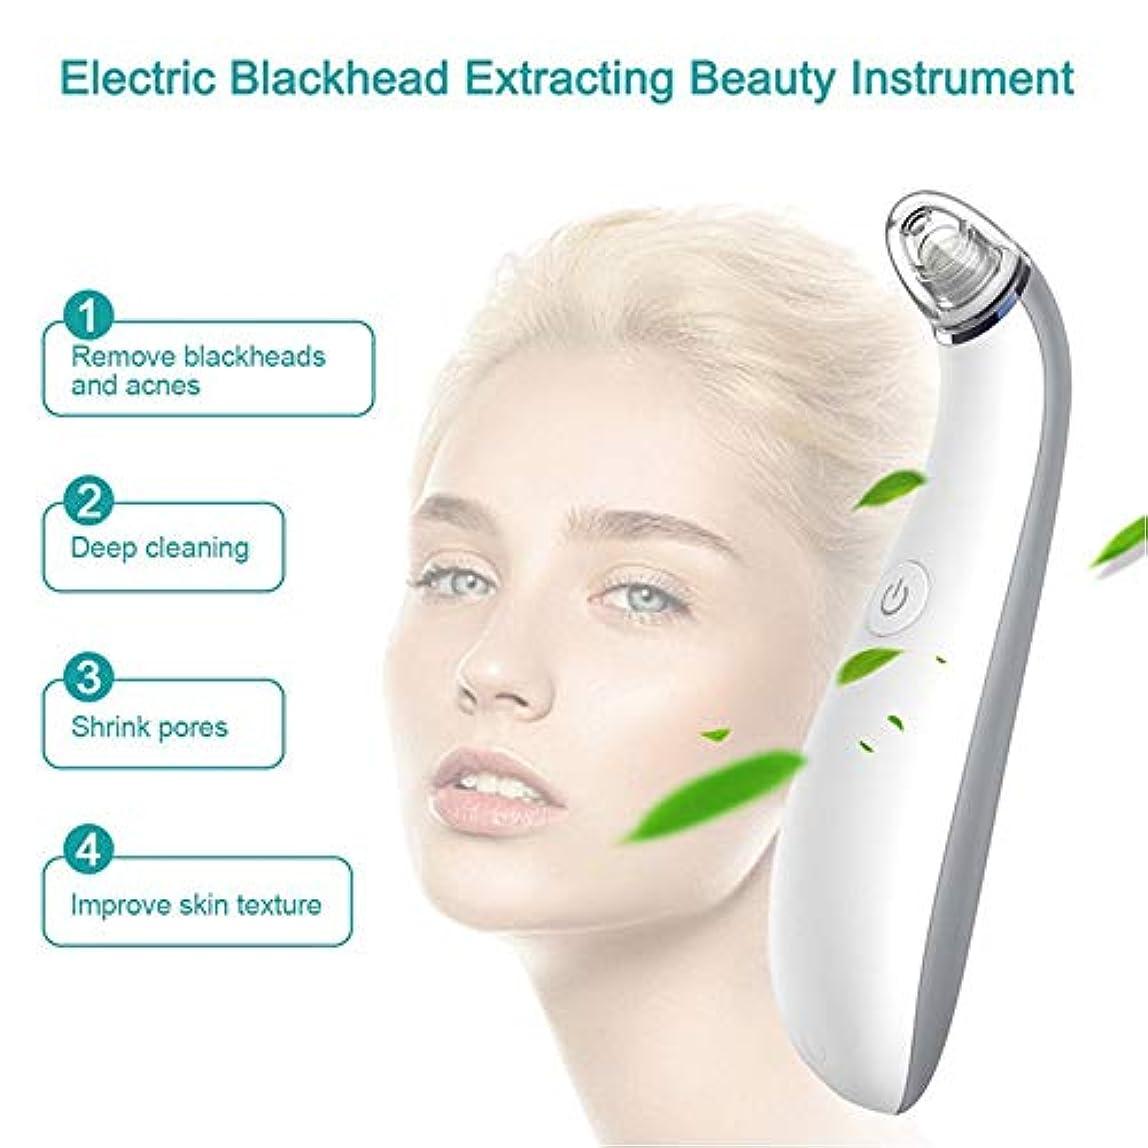 どんよりした意志南気孔の真空の深くきれいな、皮膚健康のための電気顔の安定した吸引のスキンケア用具4取り替え可能な吸引の頭部USB再充電可能